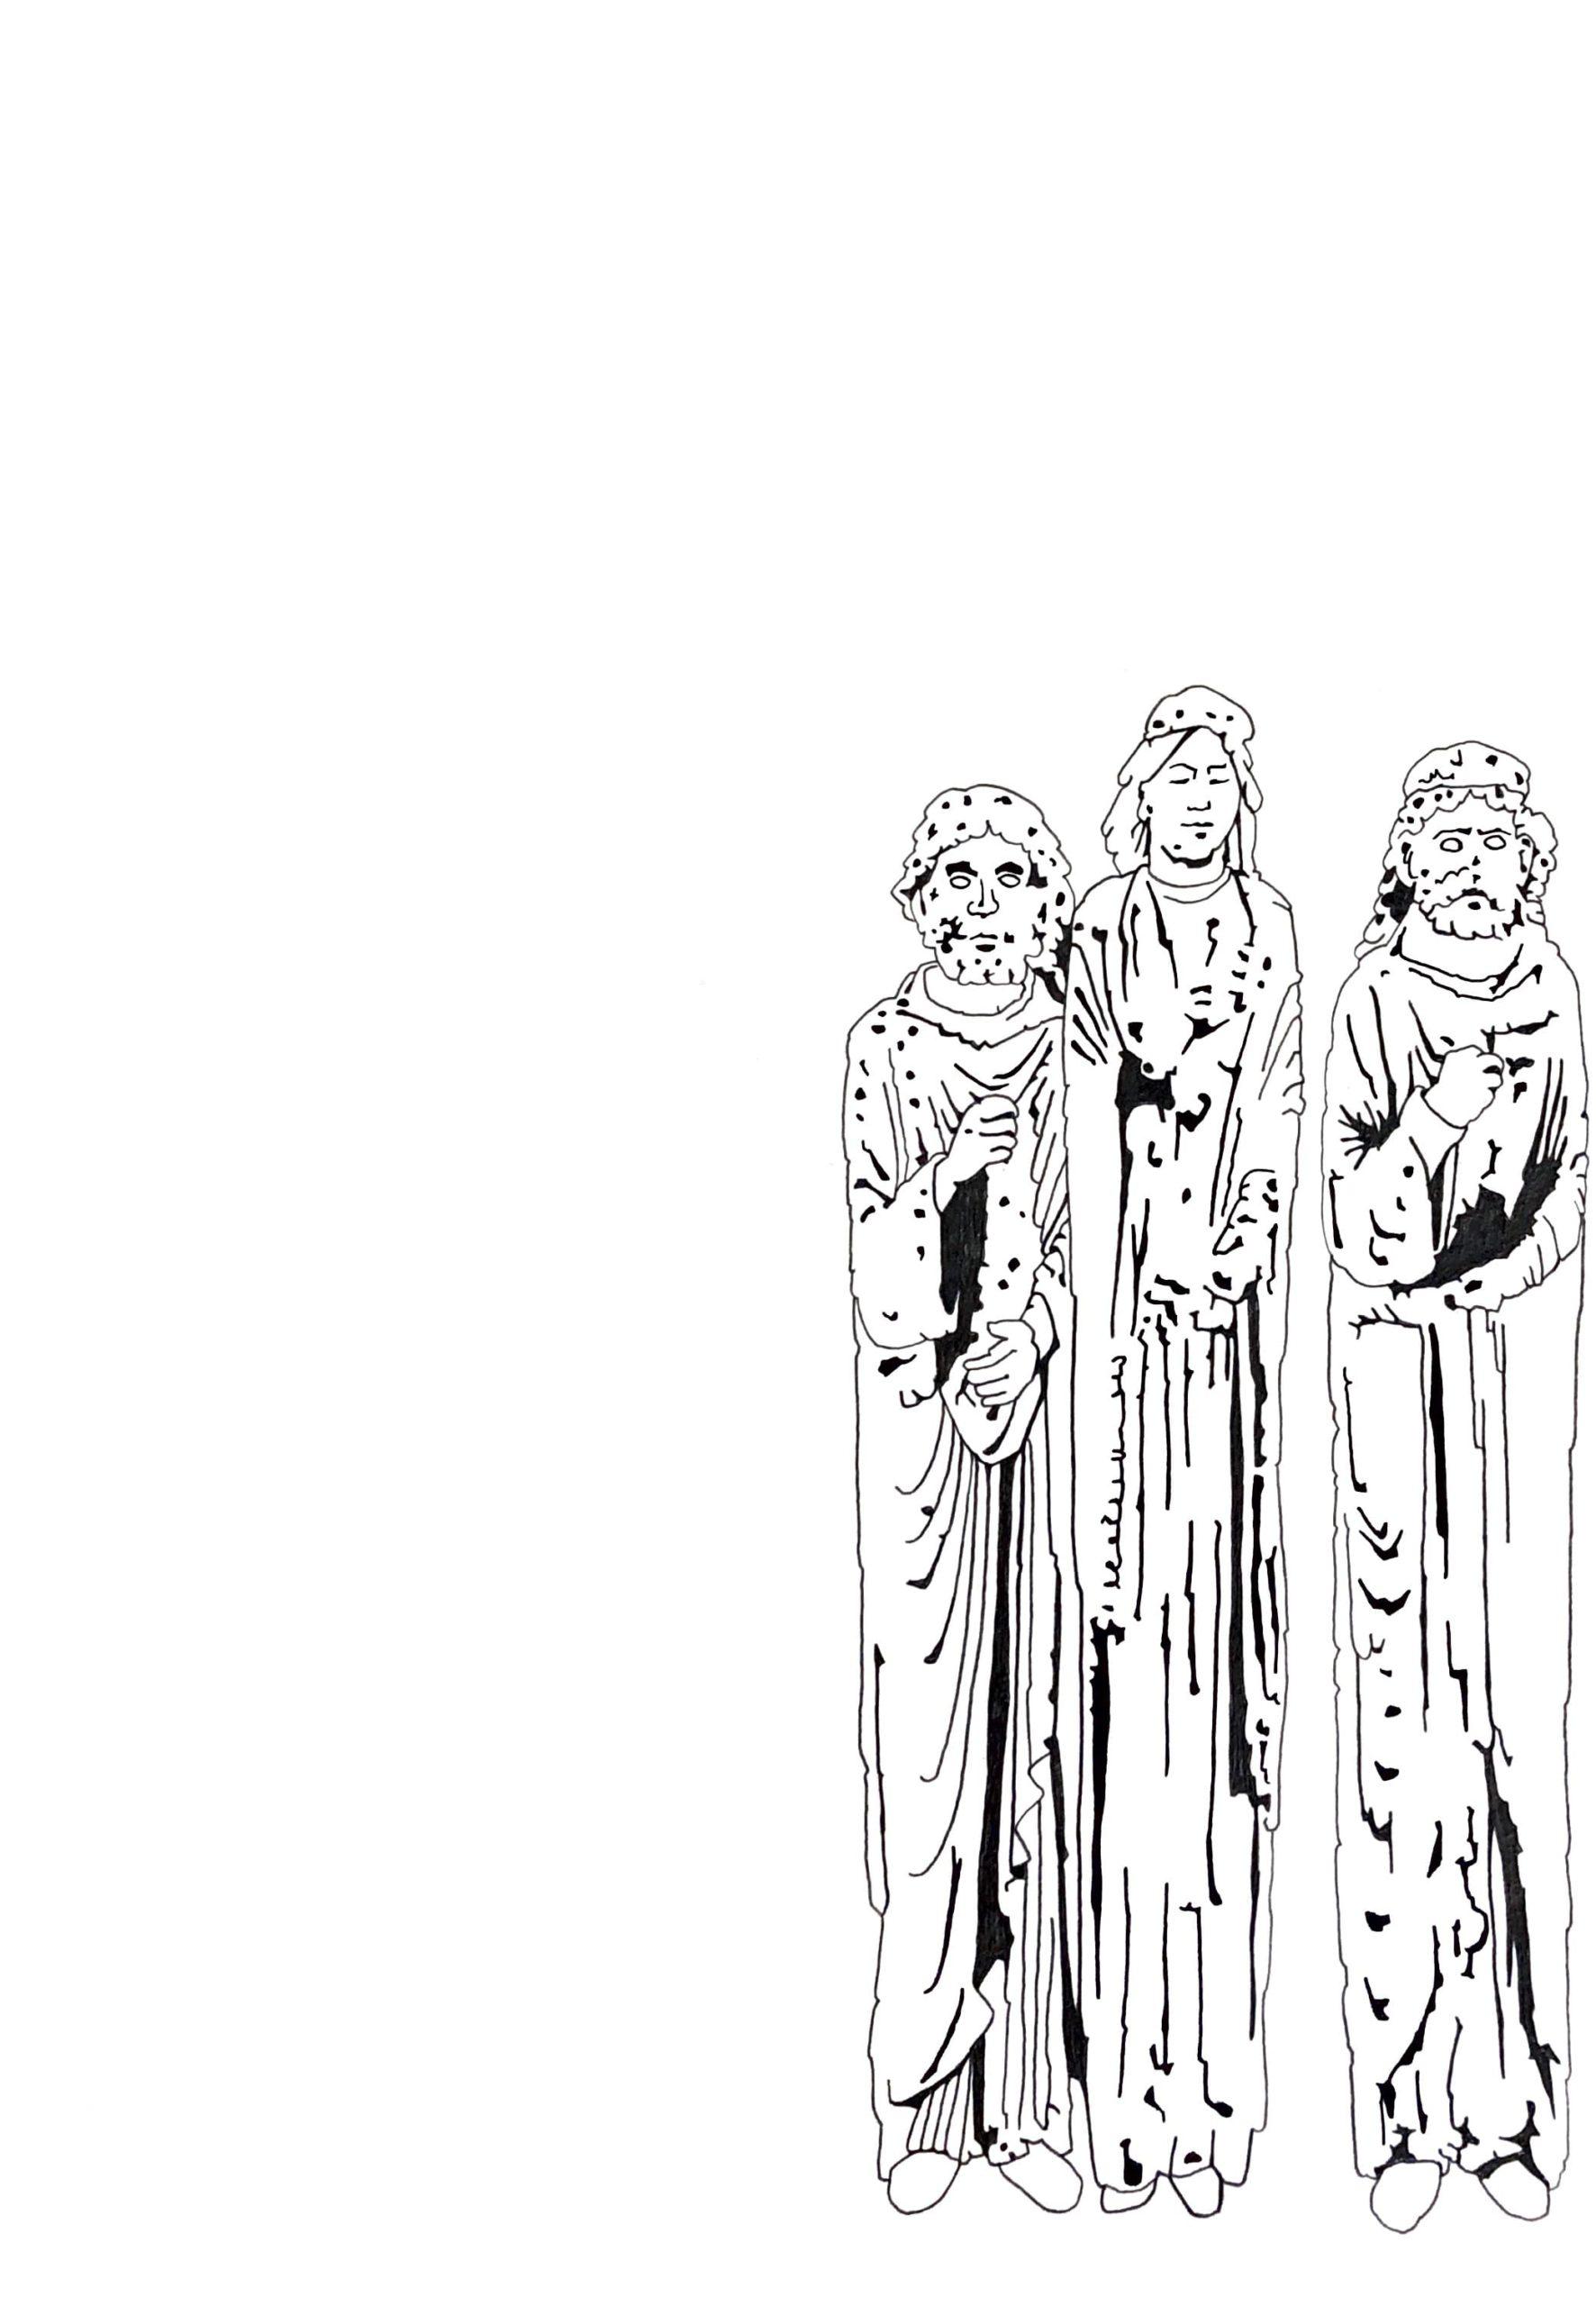 """Matthias Huber, """"keep distance: Lehre II"""", Graphit auf Papier, 21x 29,7cm, 2020"""